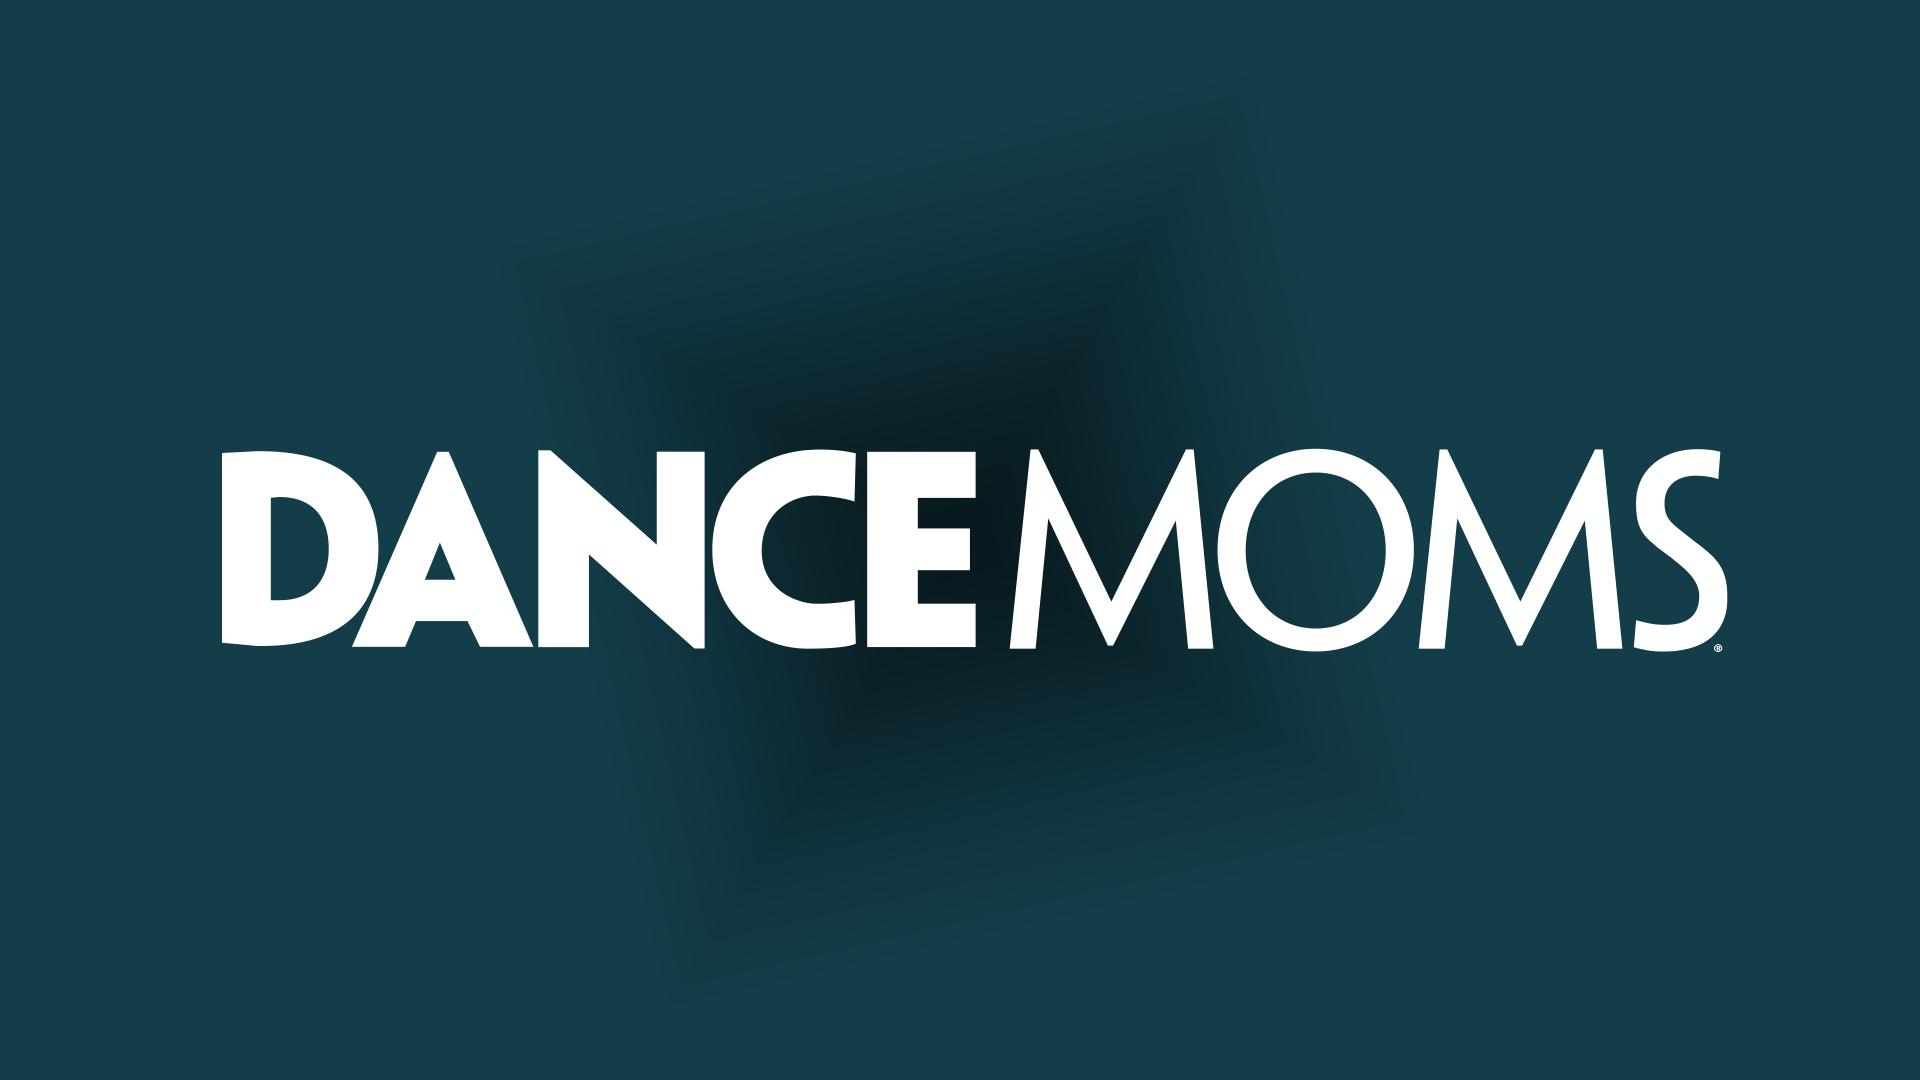 Dance Moms Full Episodes, Video & More | Lifetime